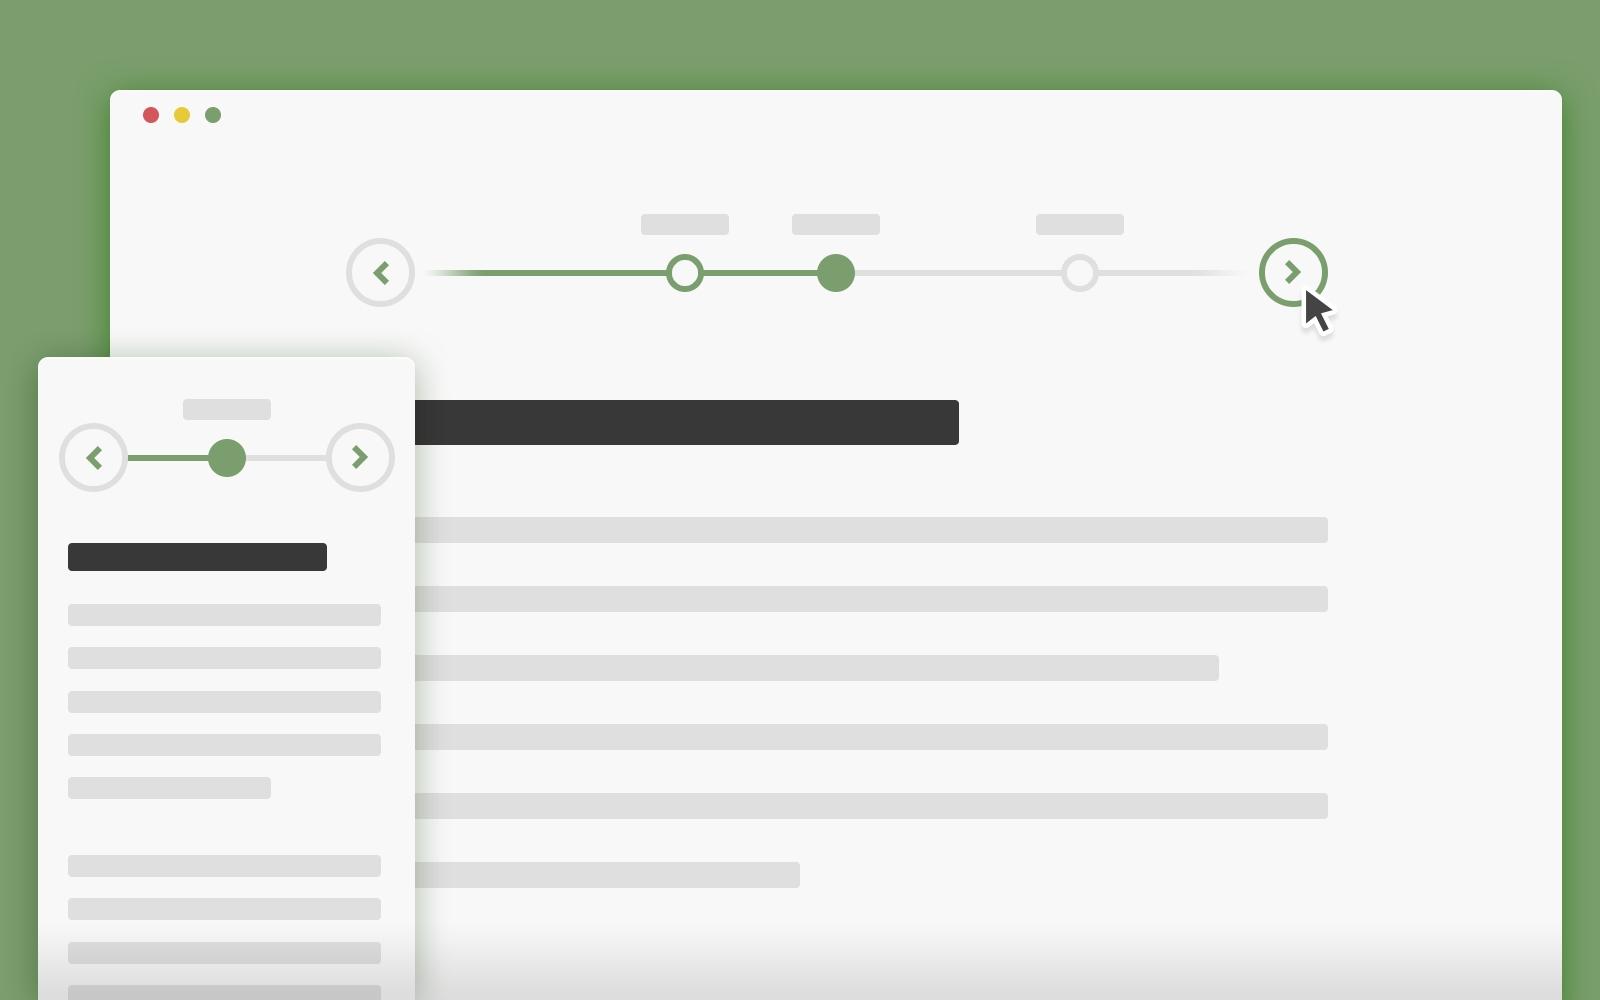 Horizontal Timeline | Timeline Design, Timeline, Web Design